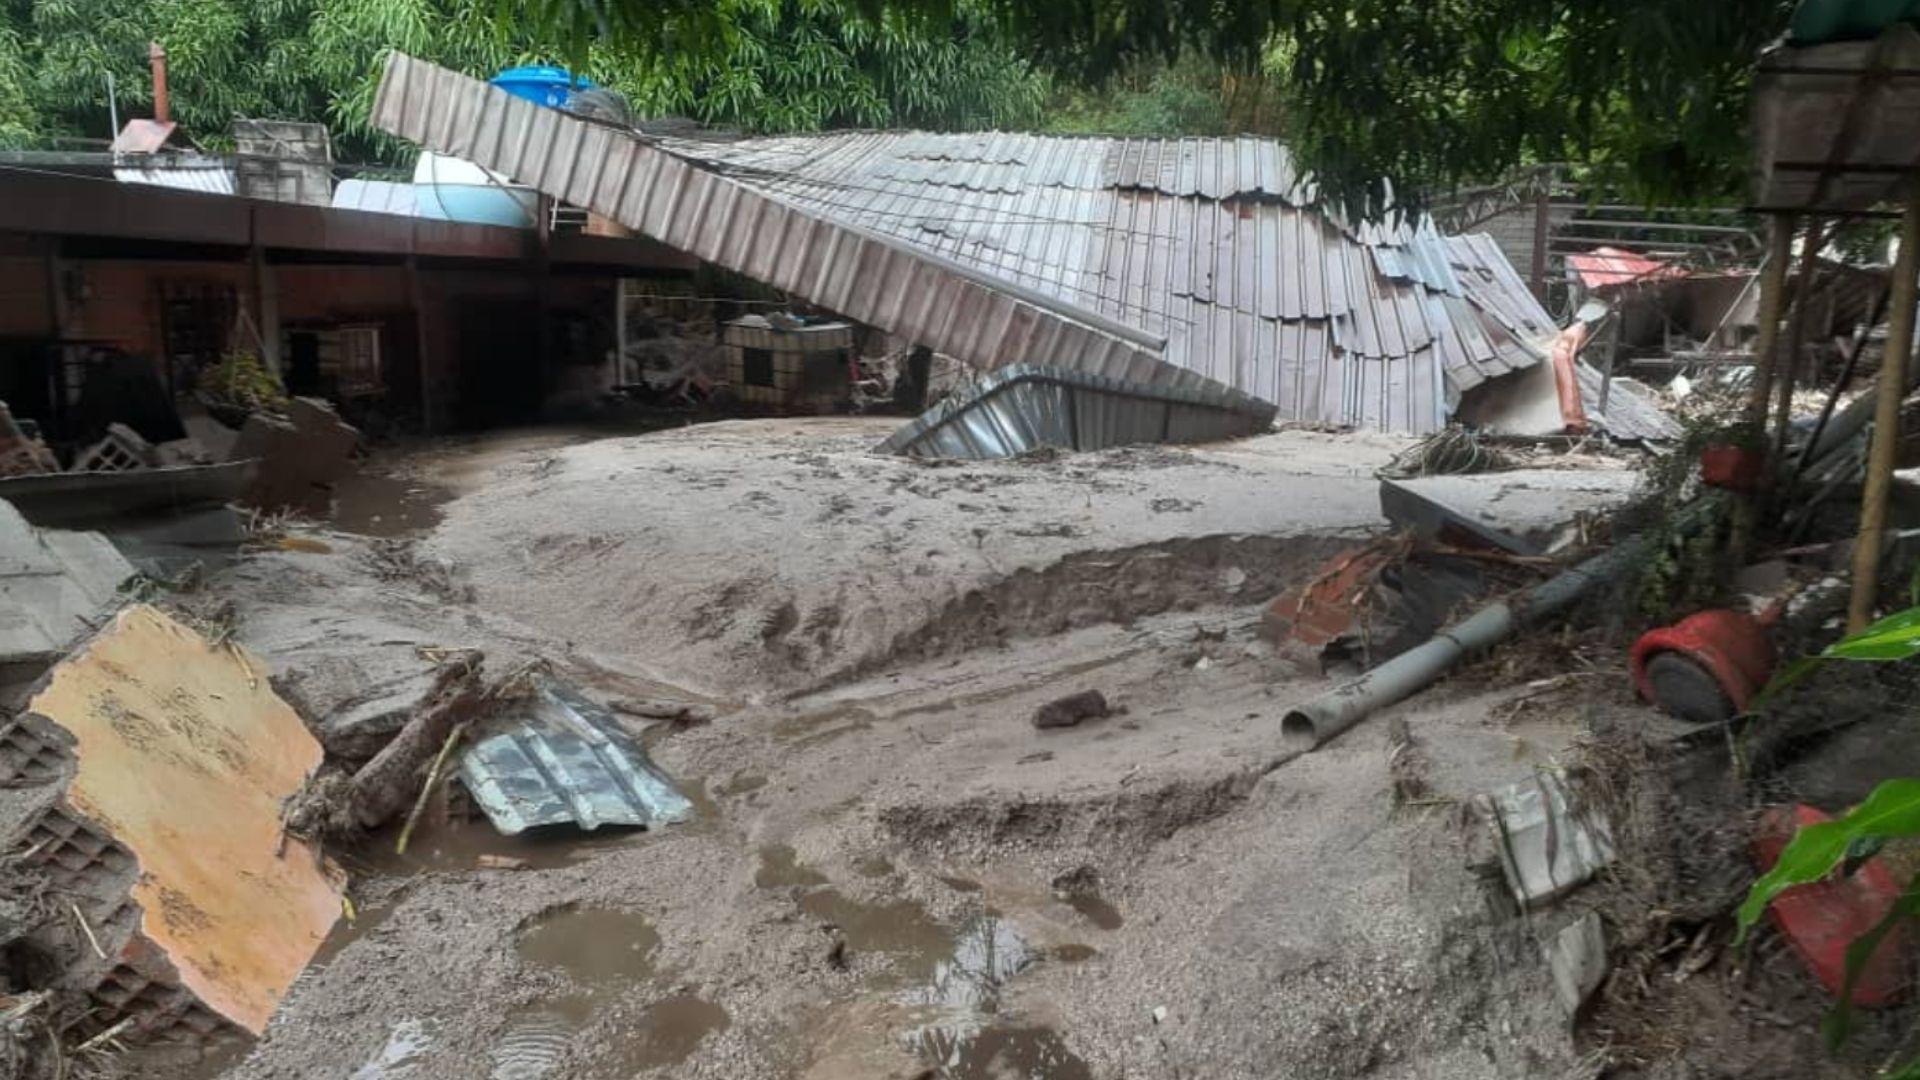 BID destina ayuda de $200,000 para afectados de El Limón